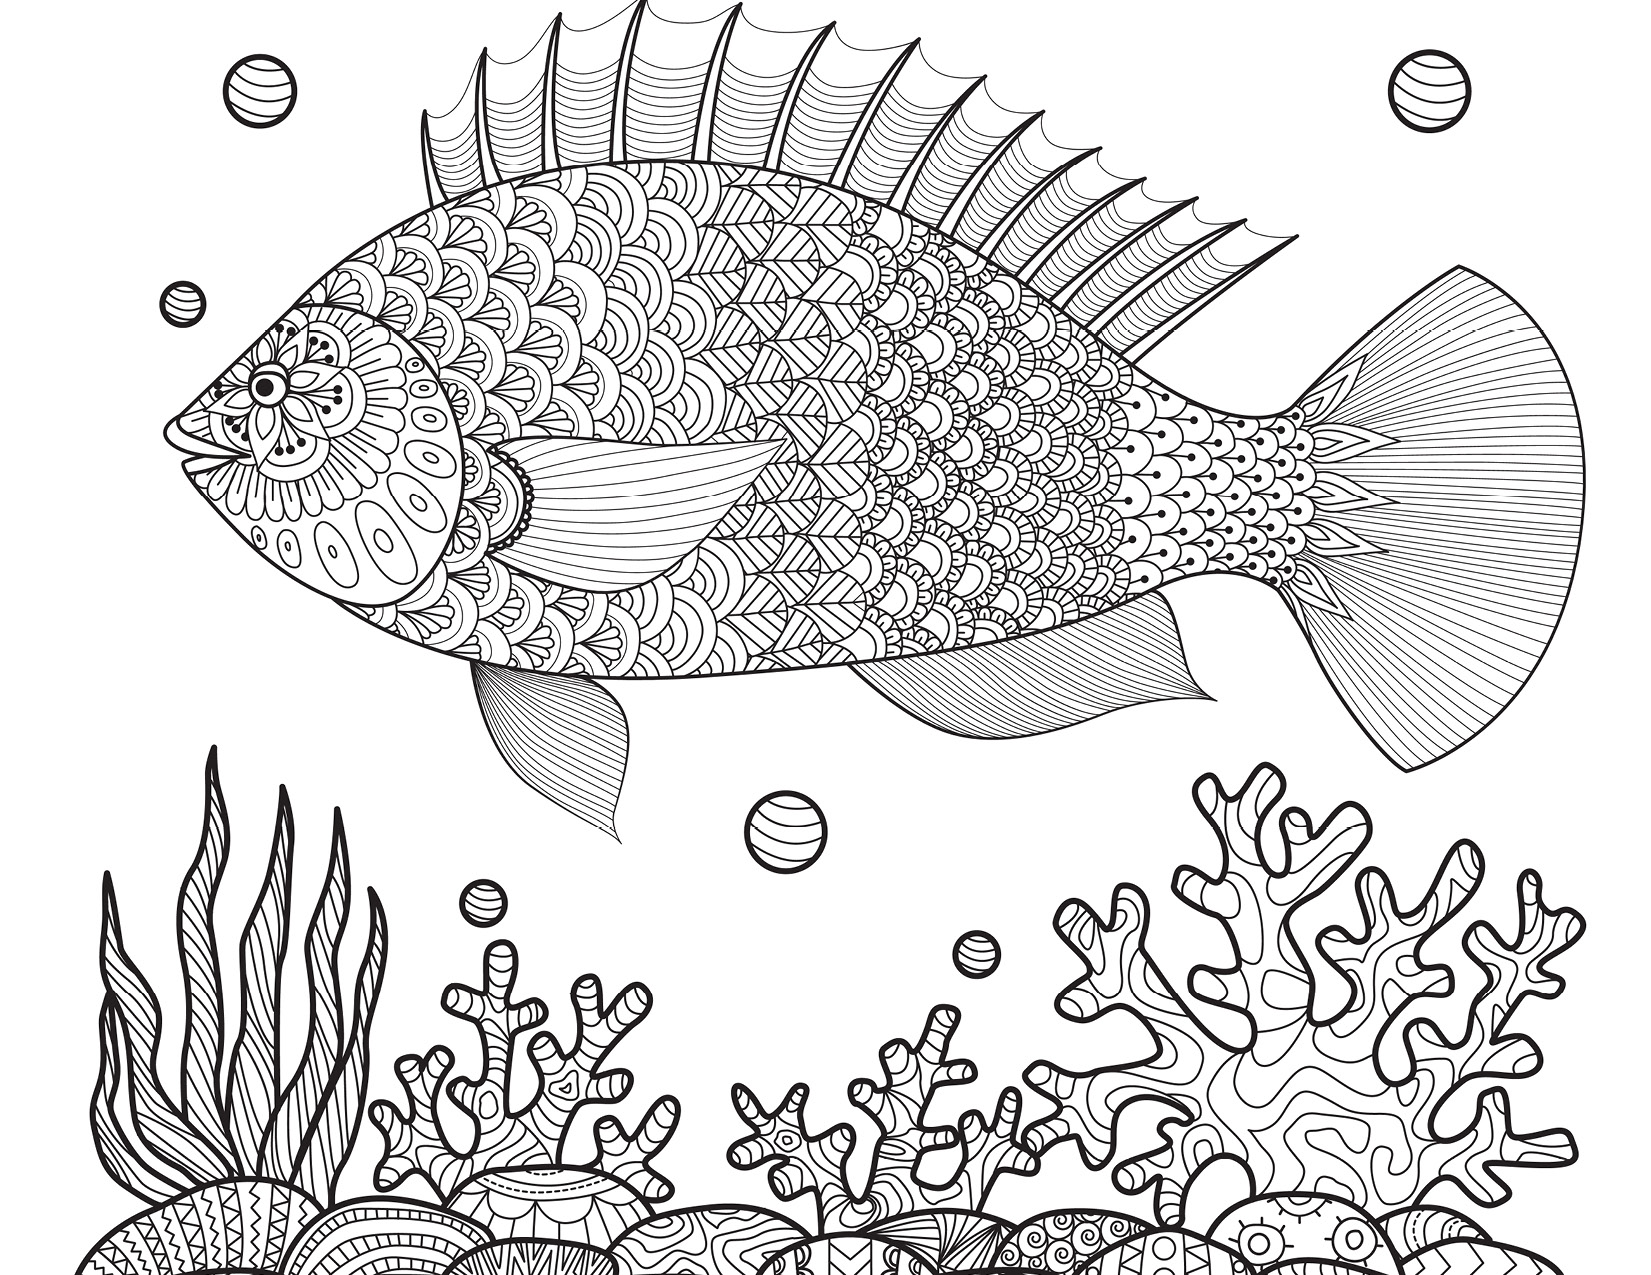 dessin poisson coloriages ete a imprimer gratuitement